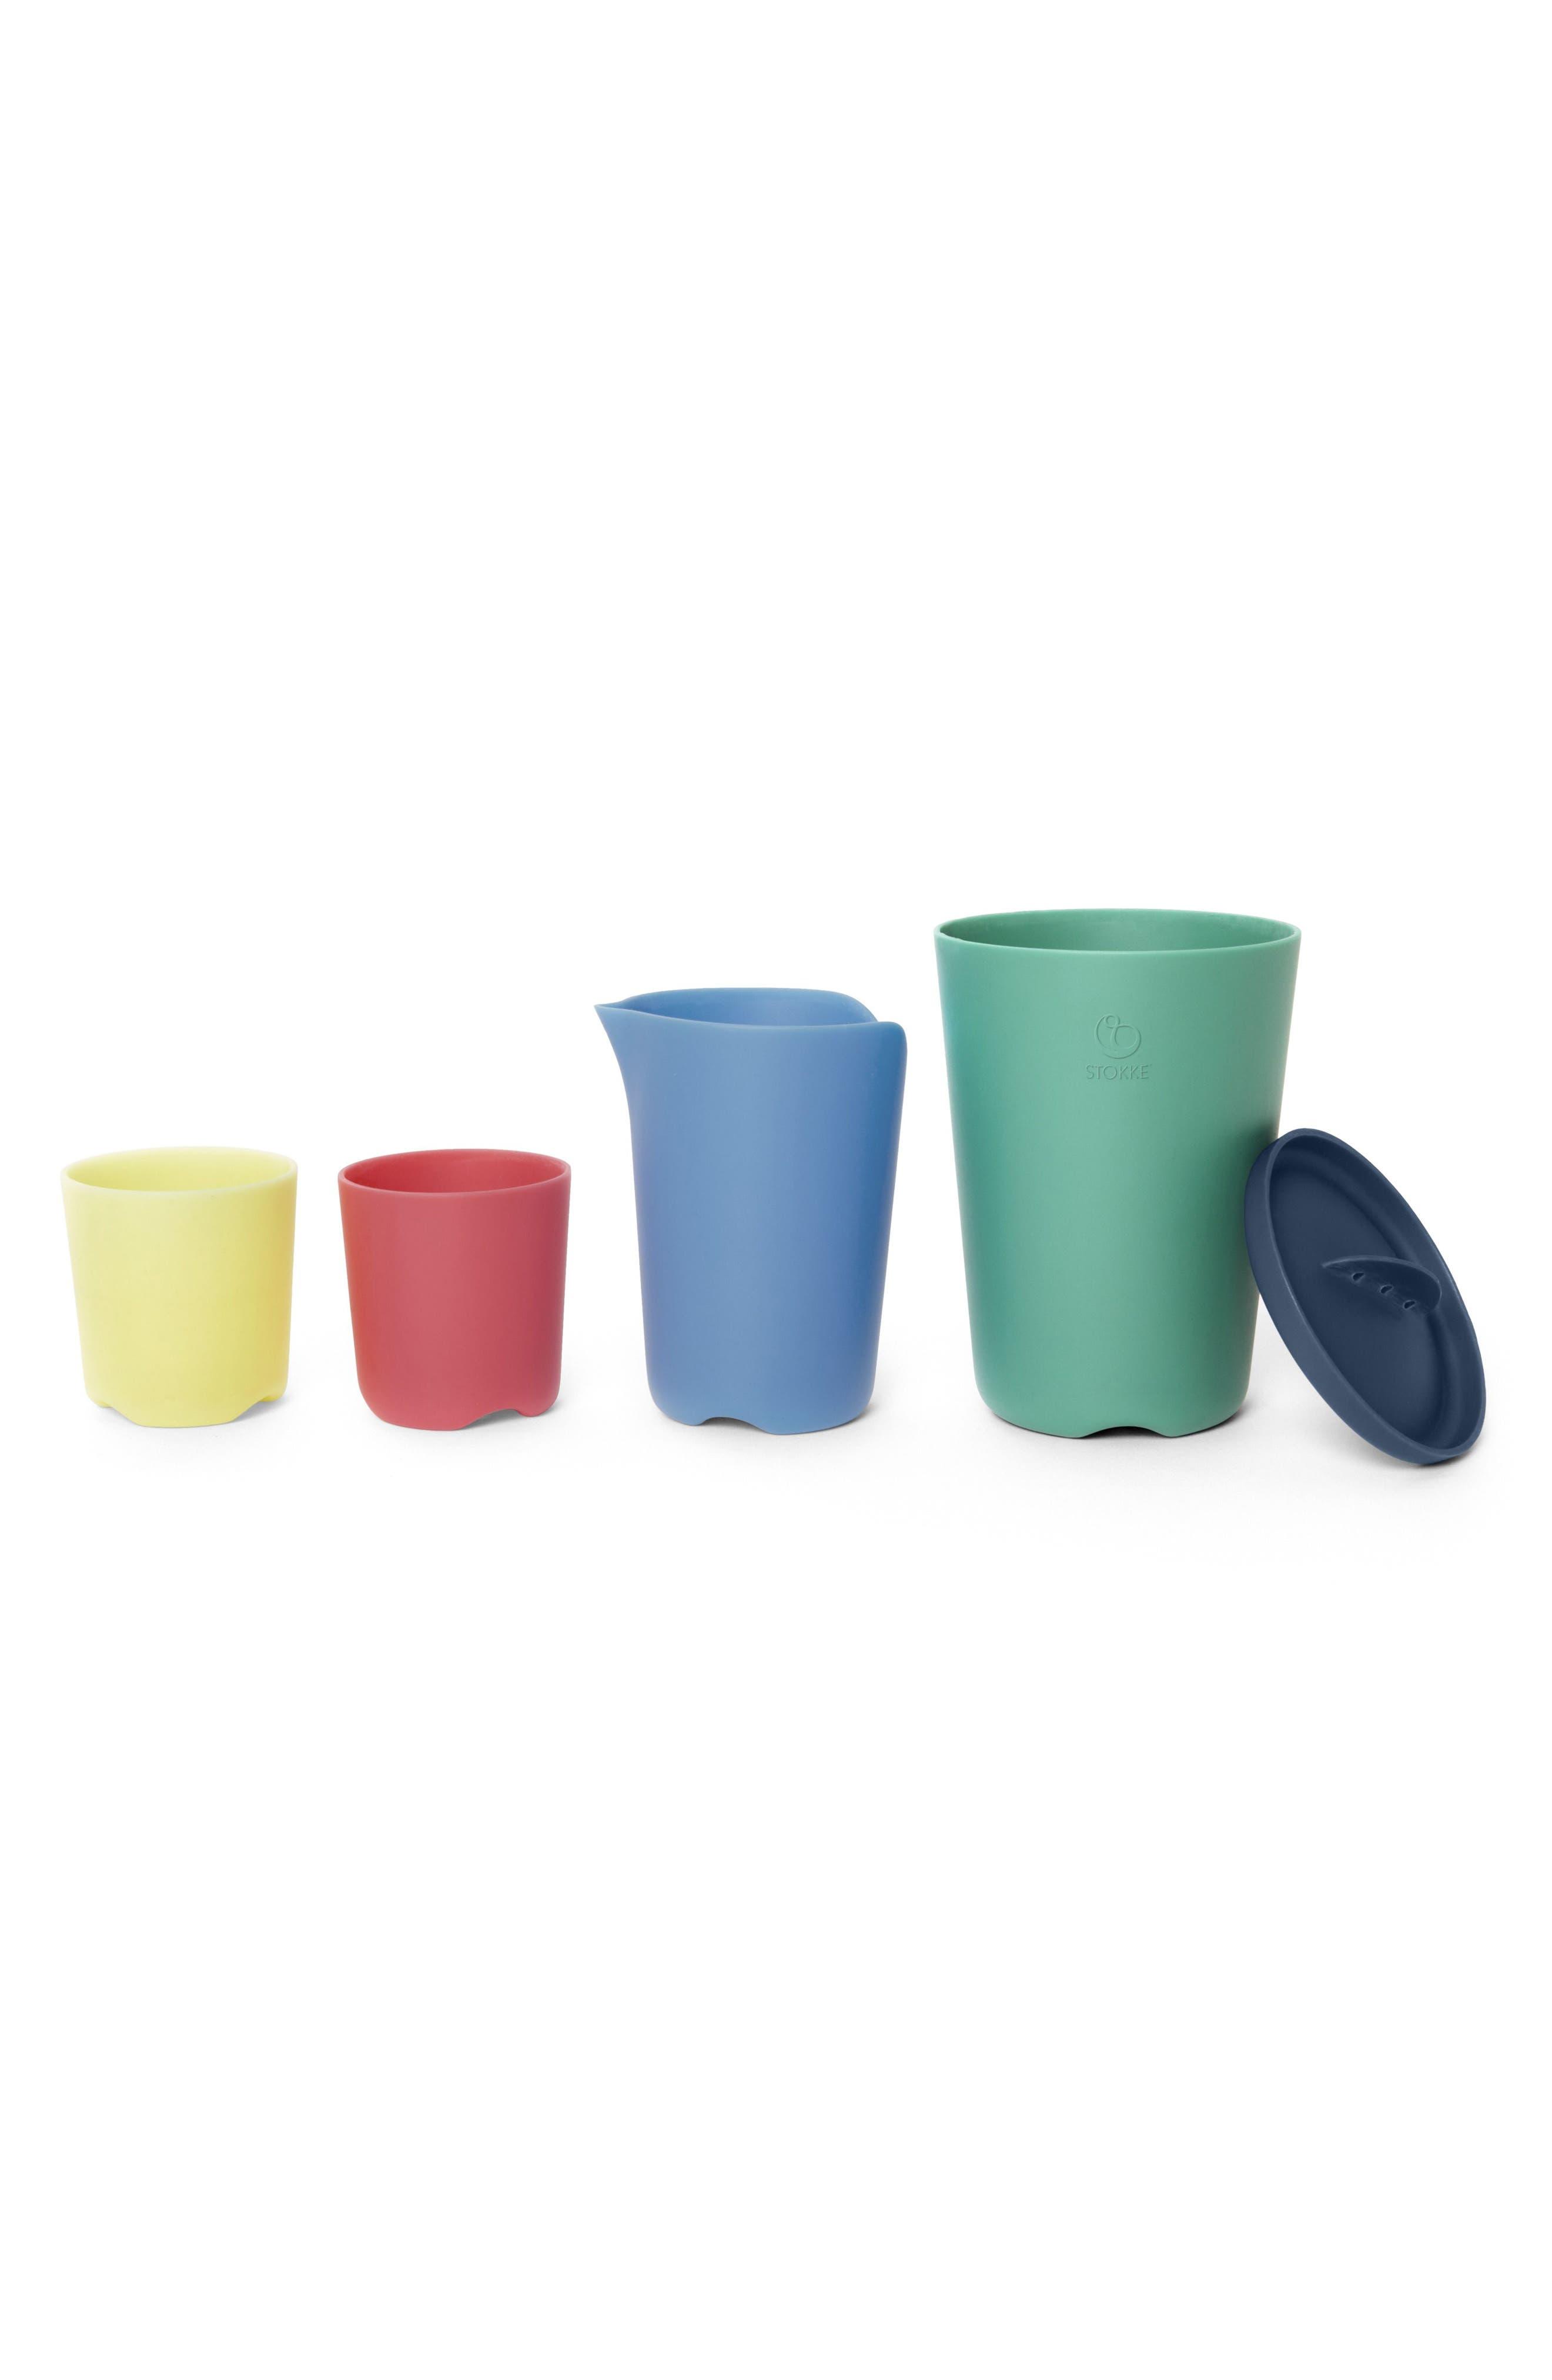 STOKKE, Flexi Bath<sup>®</sup> 5-Piece Toy Cups Set, Main thumbnail 1, color, 300